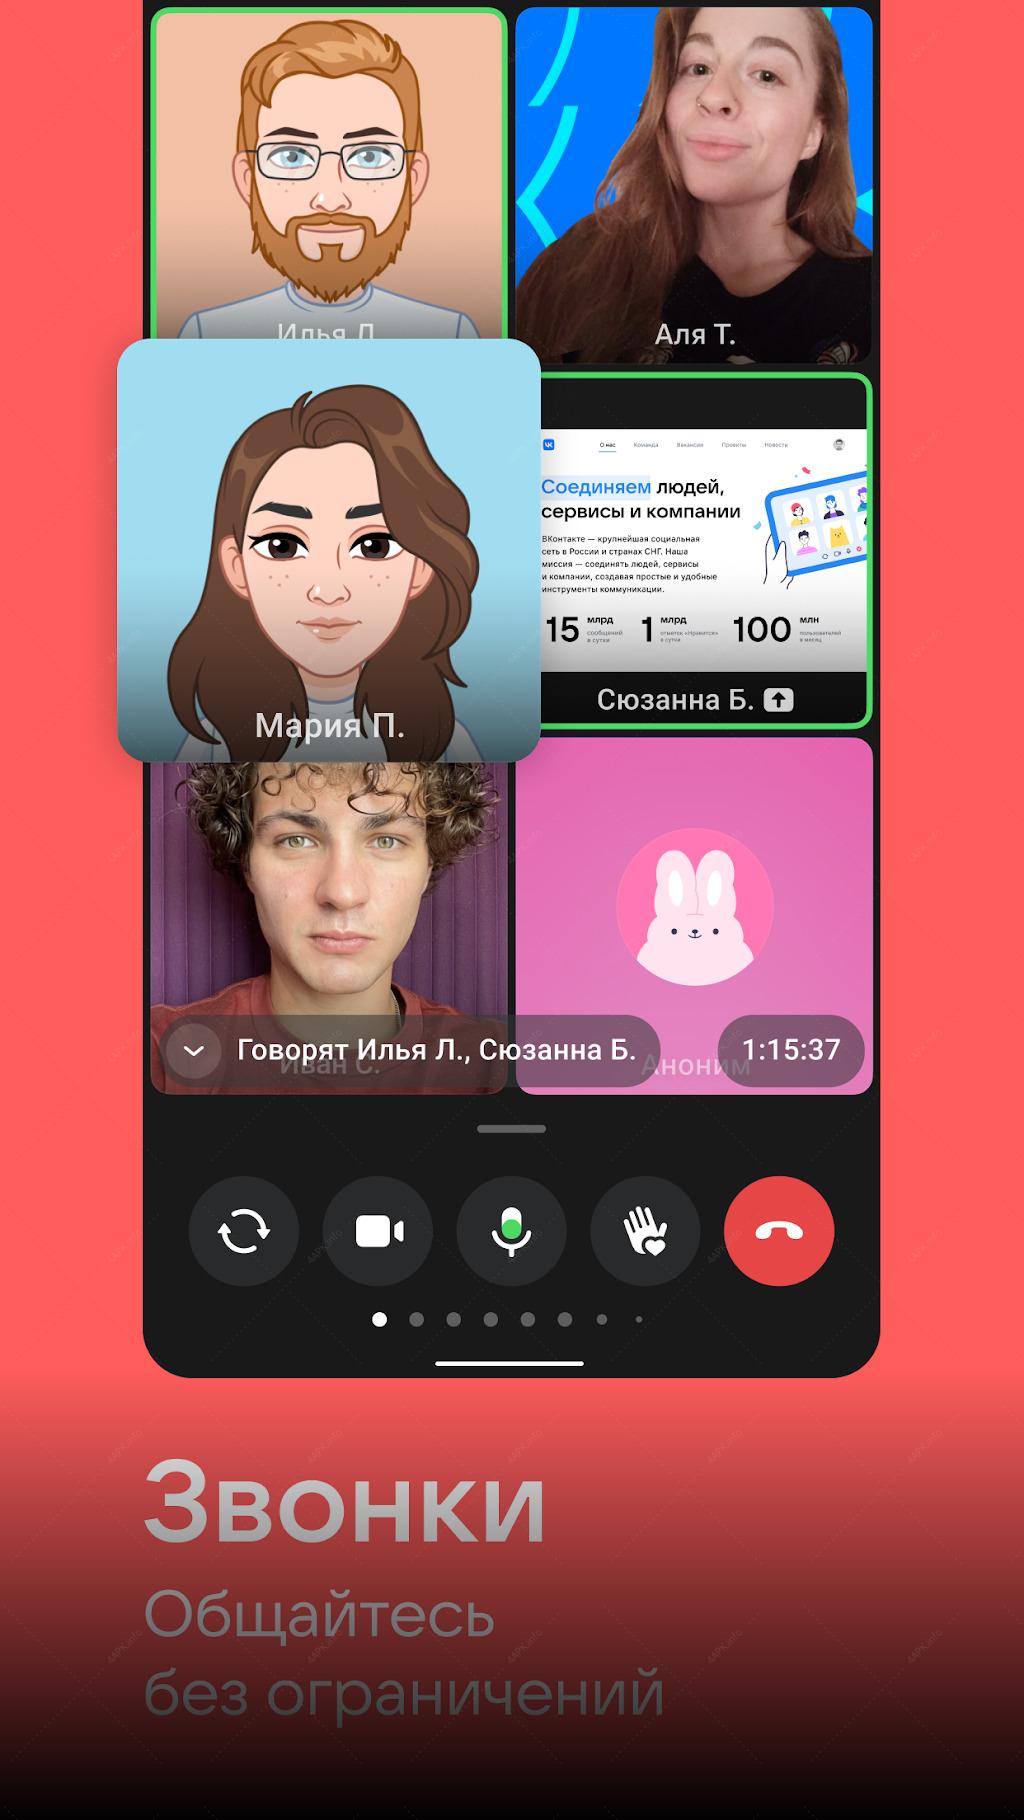 ВКонтакте screenshot